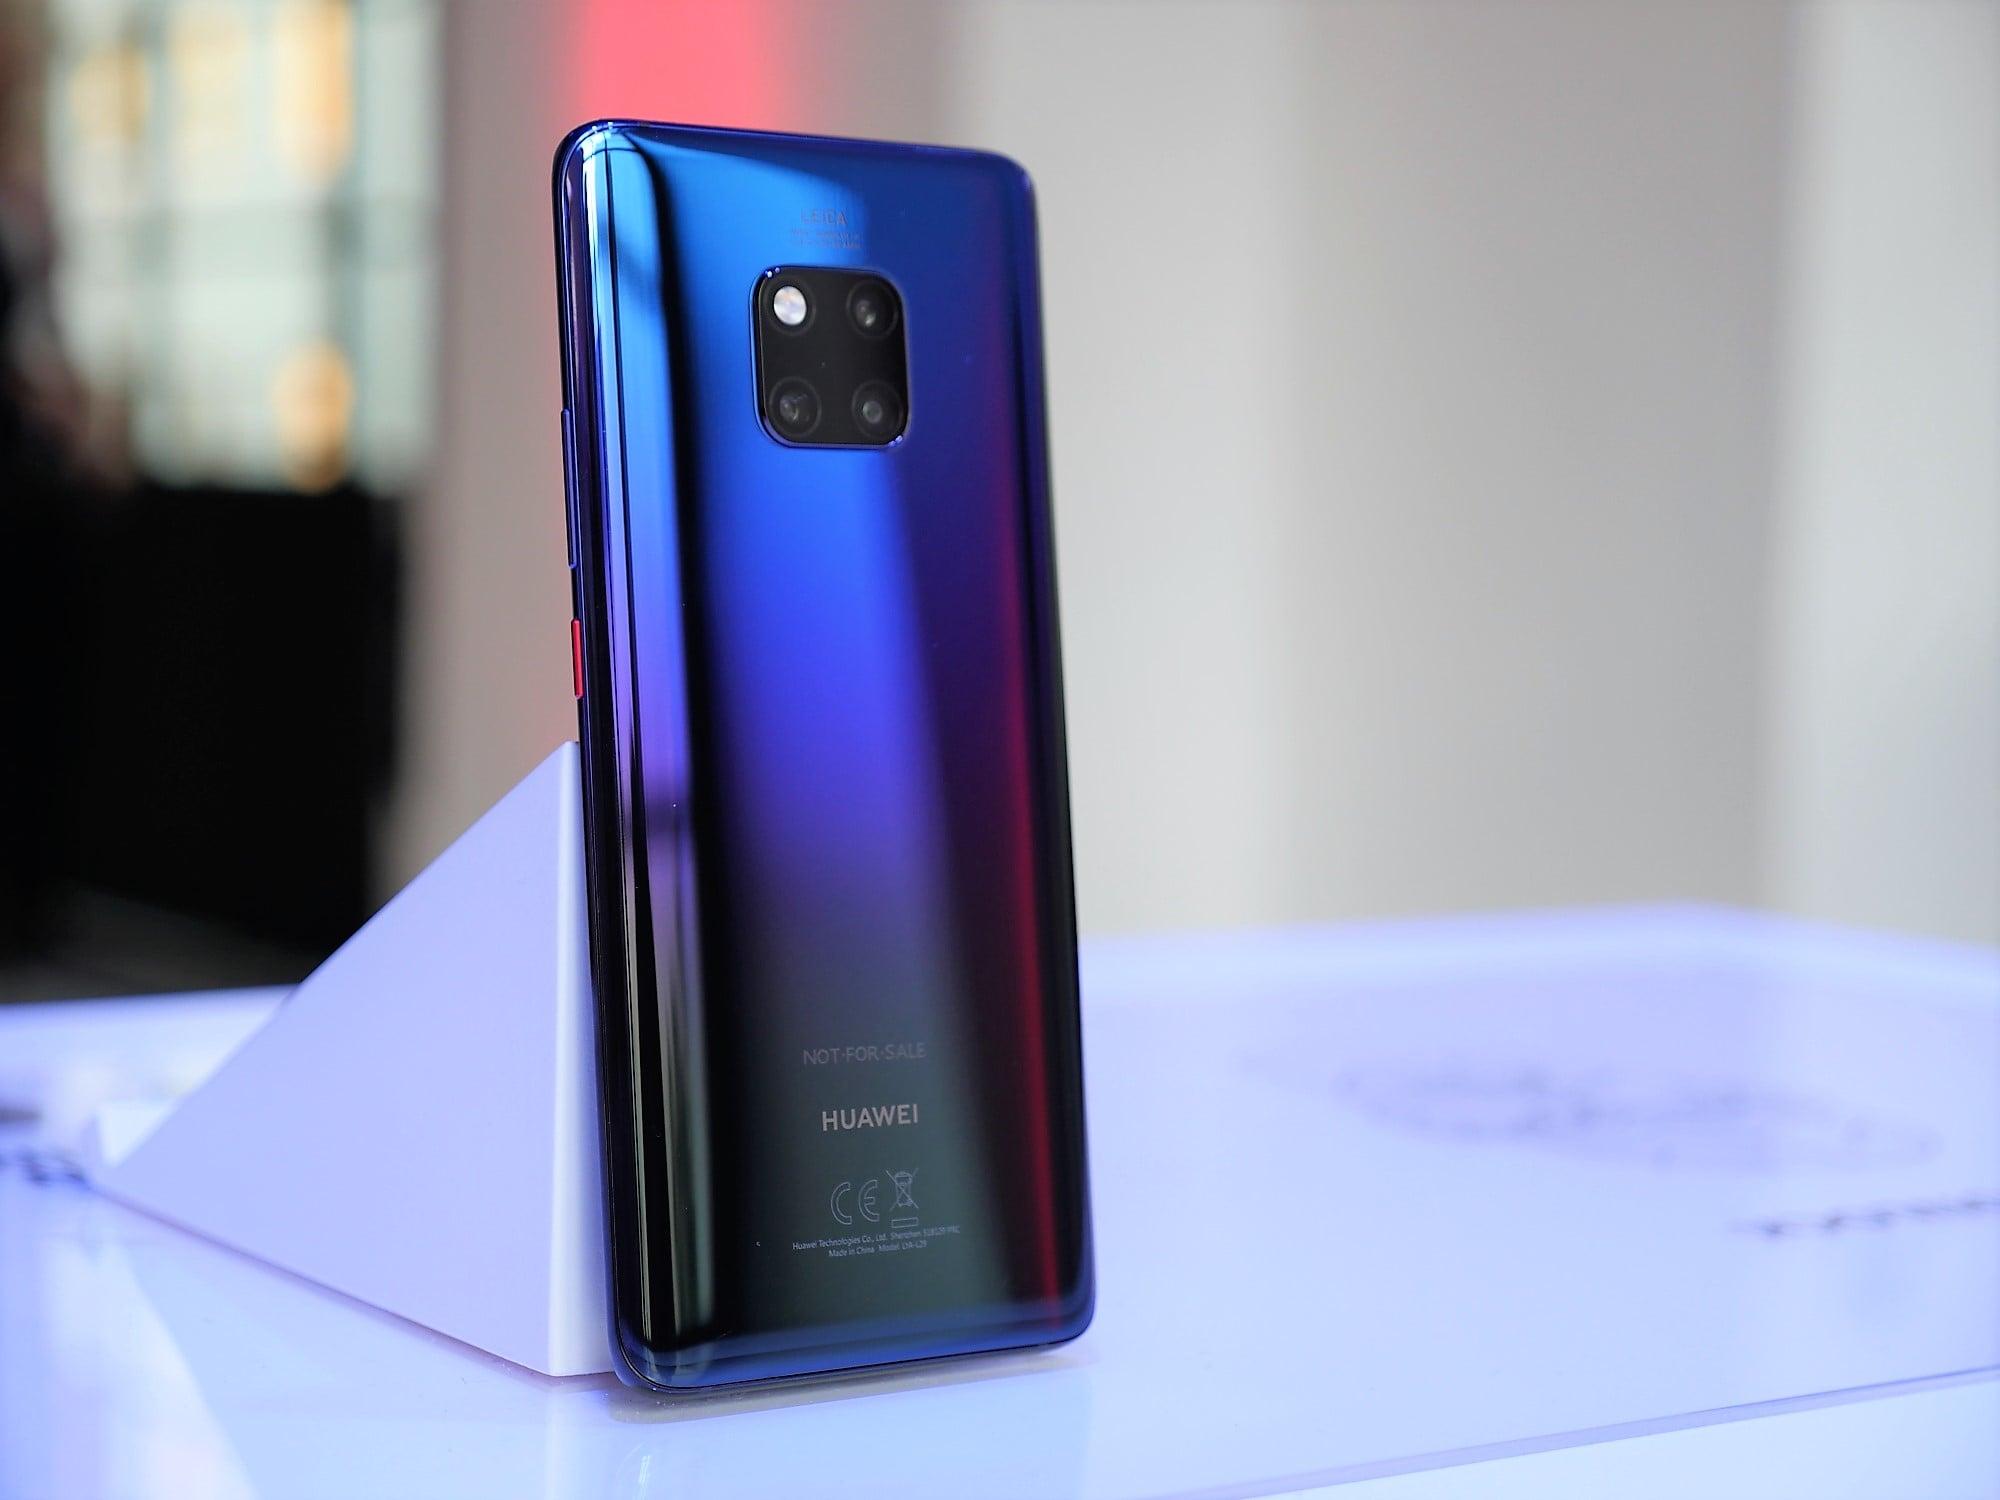 Huawei Mate 20 Pro - ultraszeroki kąt w aparacie, indukcyjne ładowanie, czytnik w (zakrzywionym) ekranie i wiele więcej. Pierwsze wrażenia 18